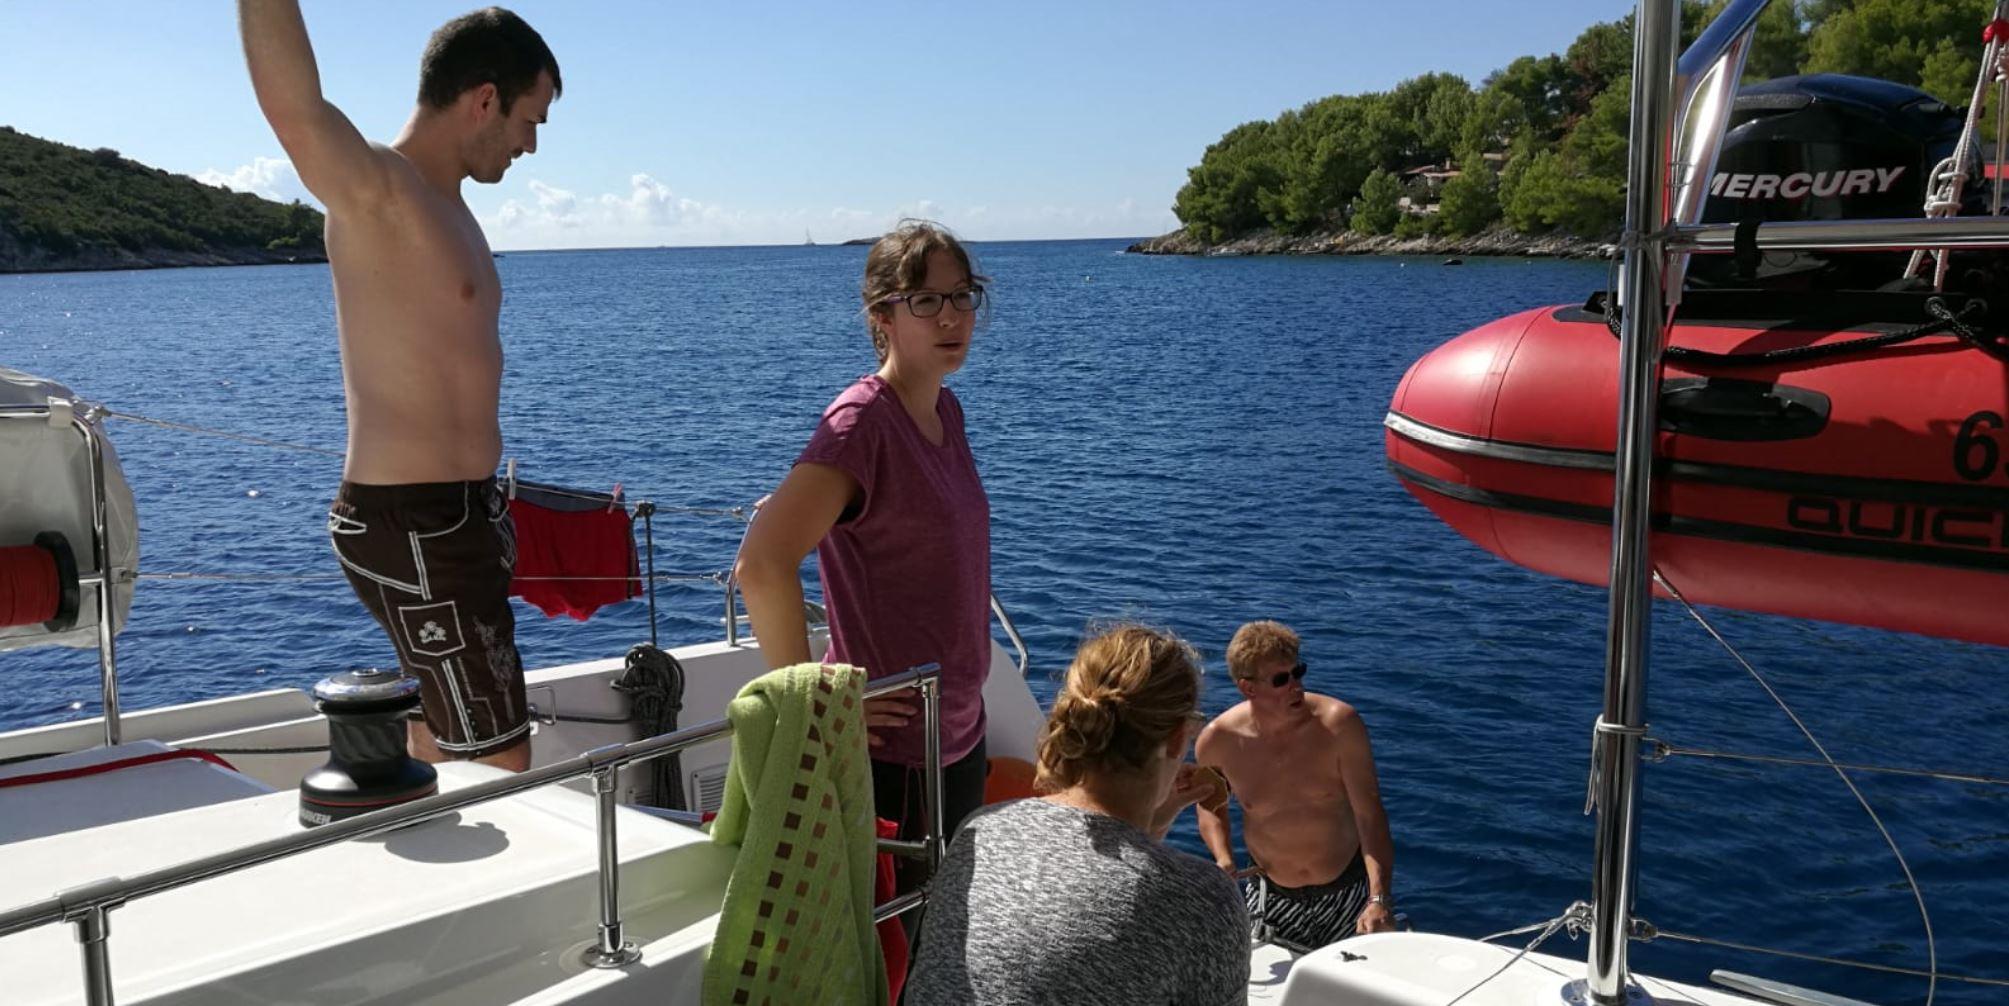 Eigner Jos geht als erste zu wasser beim Familienurlaub